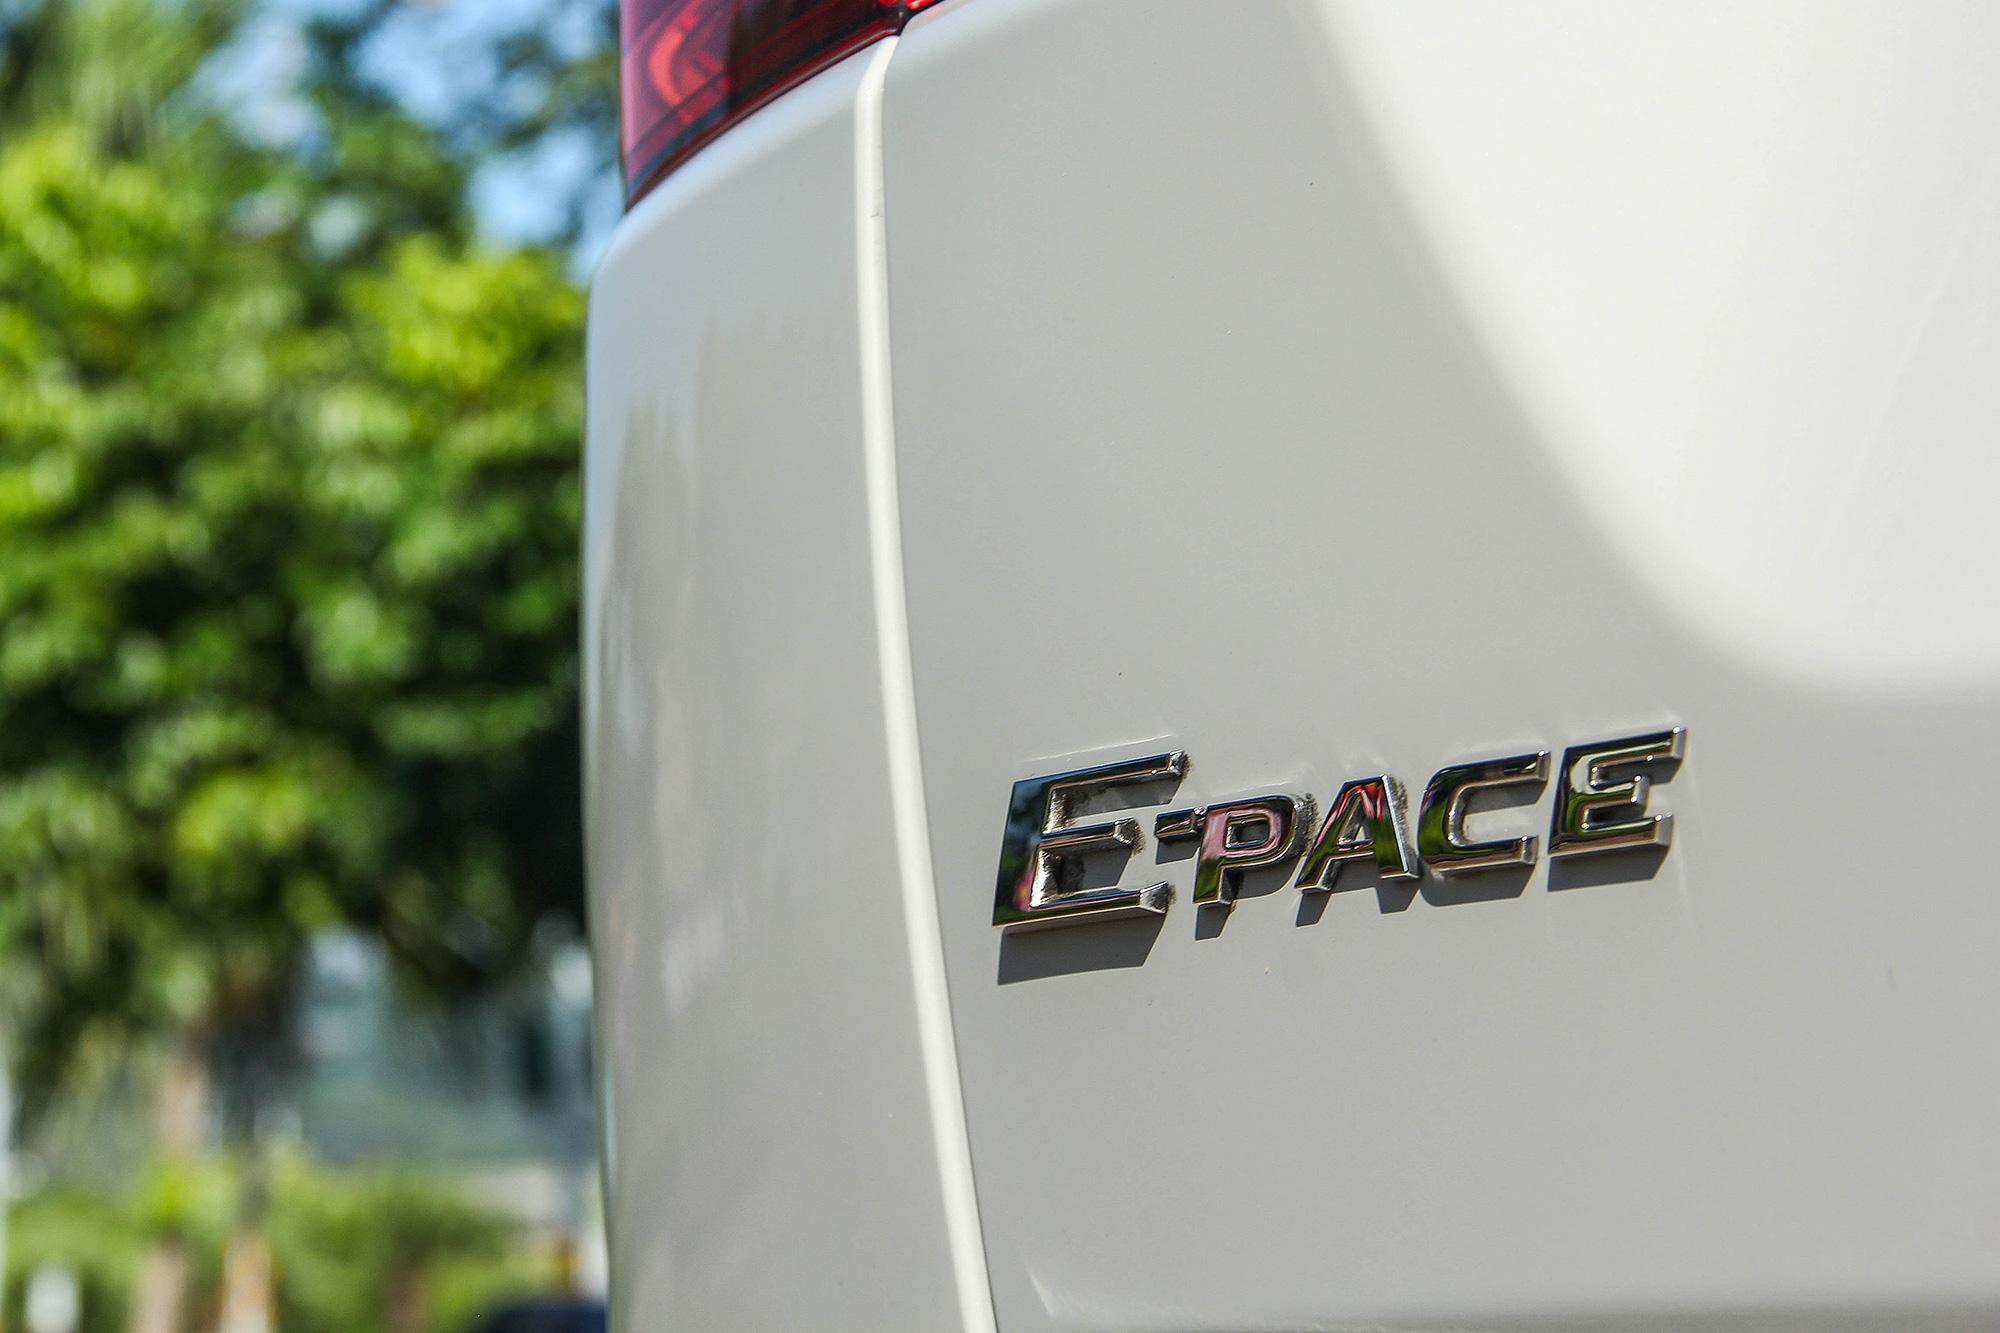 回顧 E-Pace 初入台之際,雖然有優美的線條與多元的車型選擇,卻少了一些可以更有力說服買家的理由。